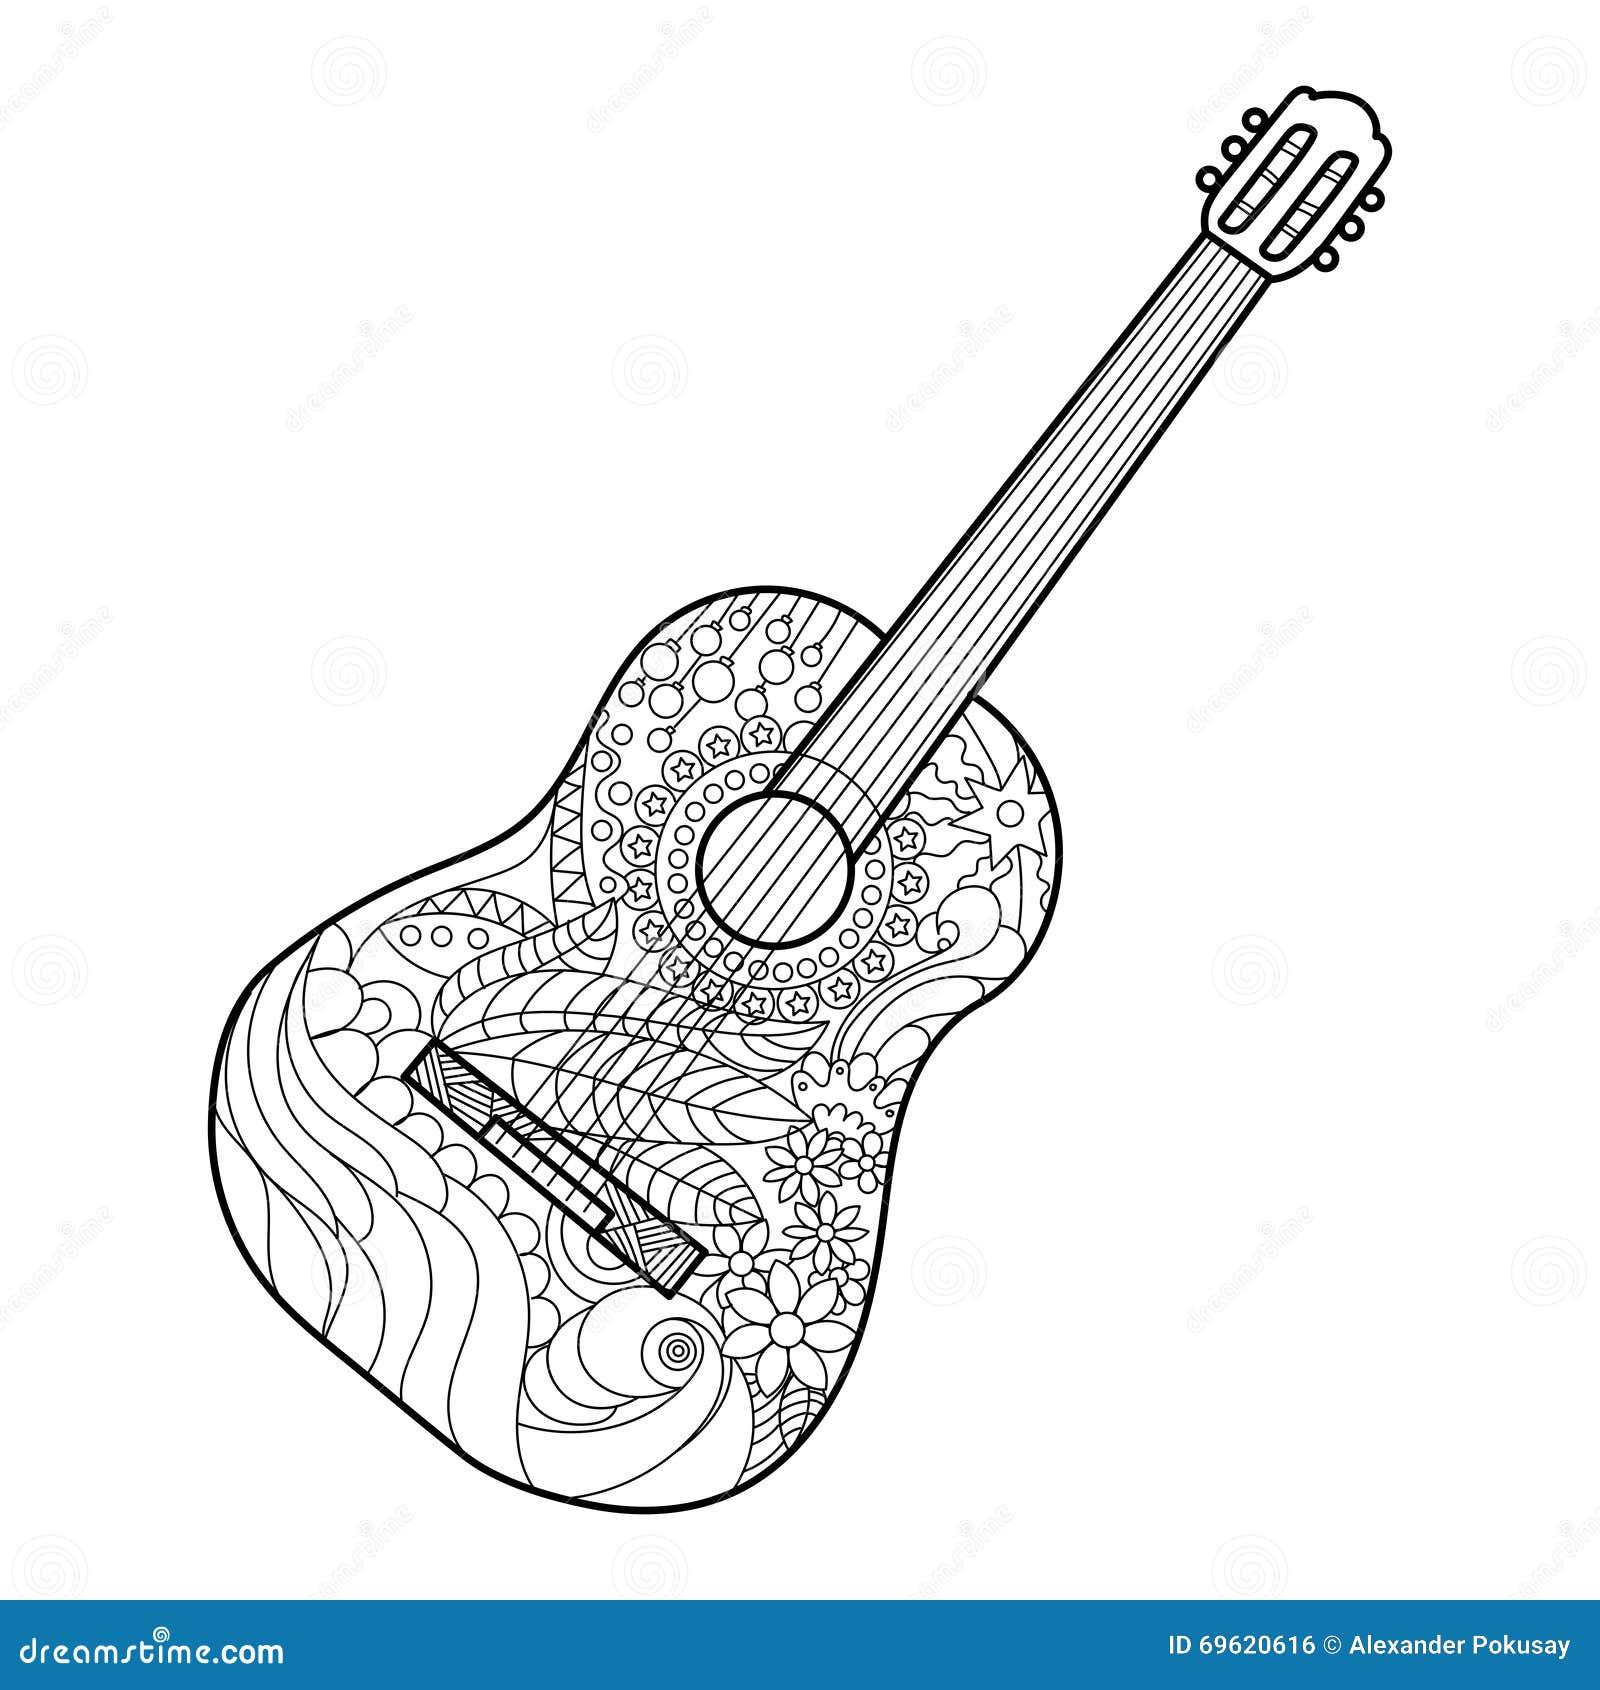 tattoo style guitar illustration vector illustration